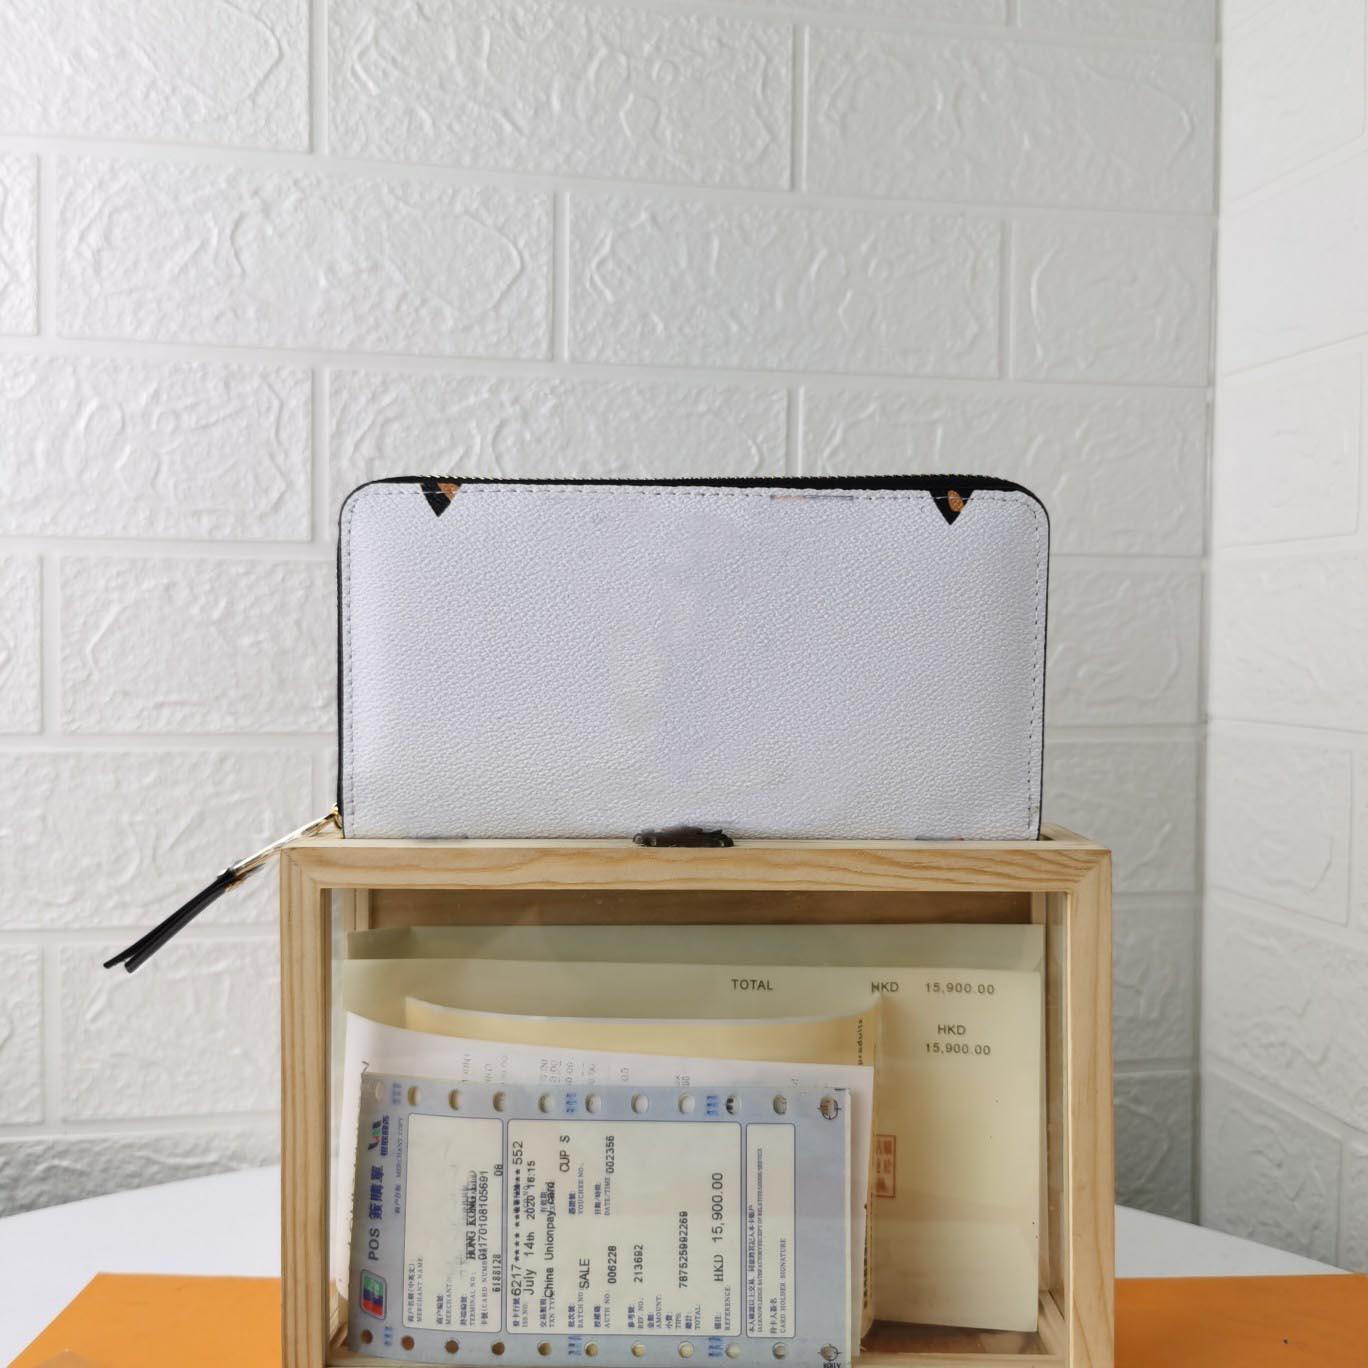 Qualität Luxurys Geldbörse für Männer Frauen Geldbörse Gedruckt Blume Leder Datum Code Brieftaschen Für Männer Mode Designer Kleine Geldbörsen Kartenhalter Reißverschluss Brieftasche mit Kiste 19x10